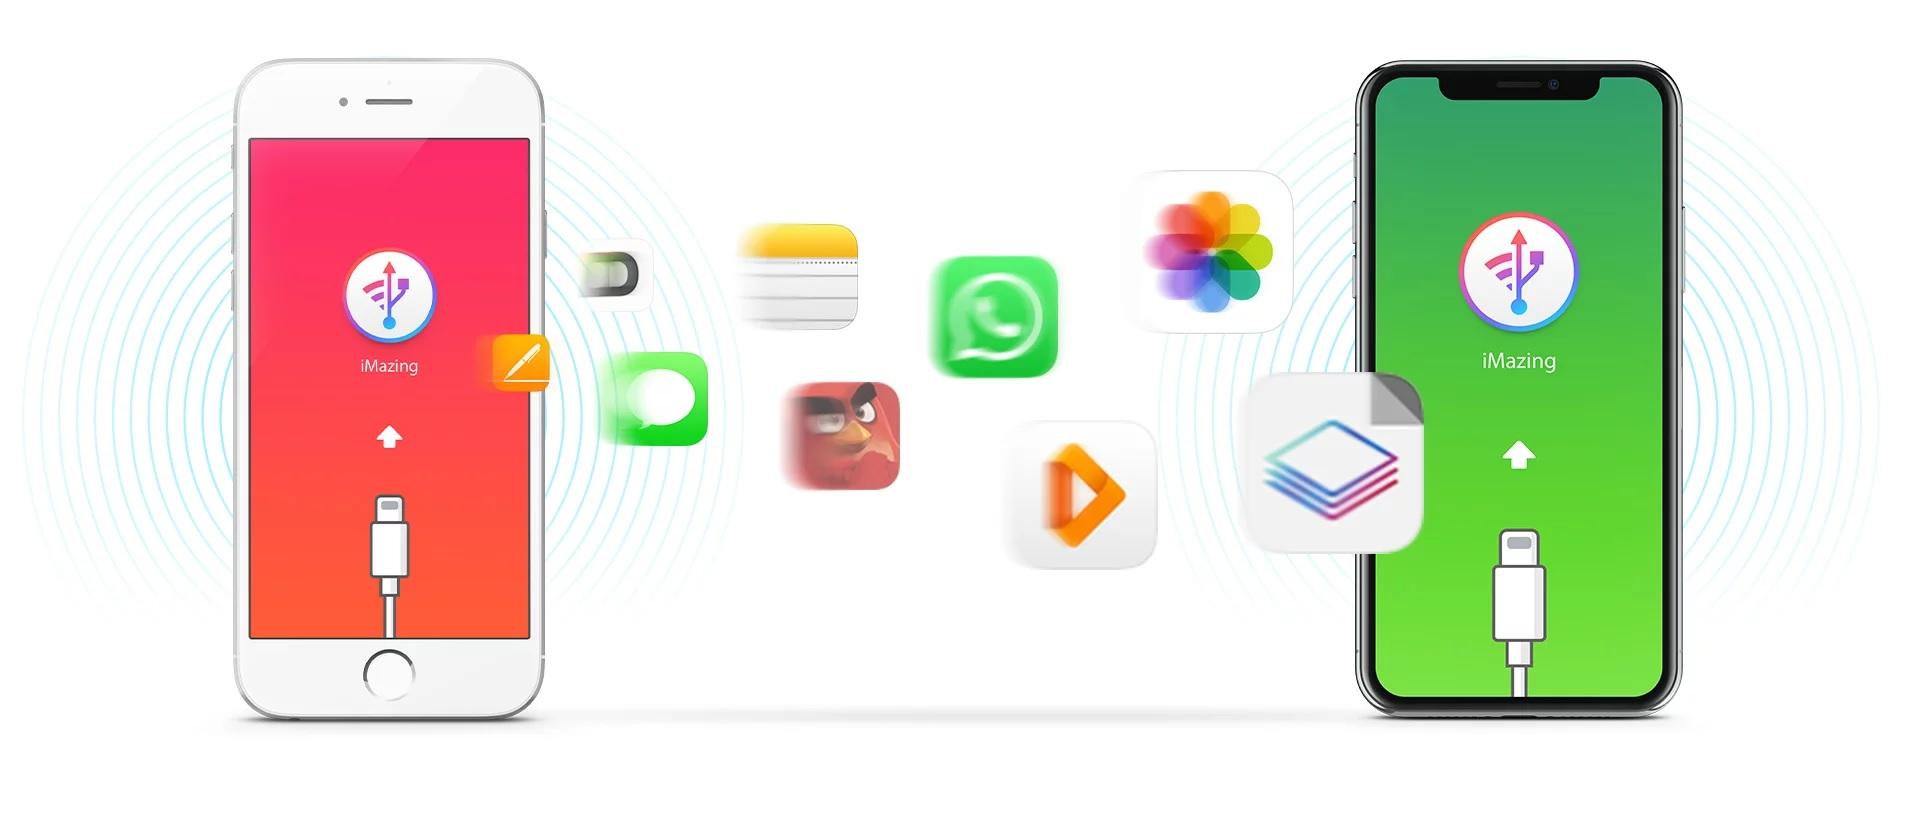 iMazing破解版|iMazing(iOS设备管理器)2.8.6 中文破解版 附注册机